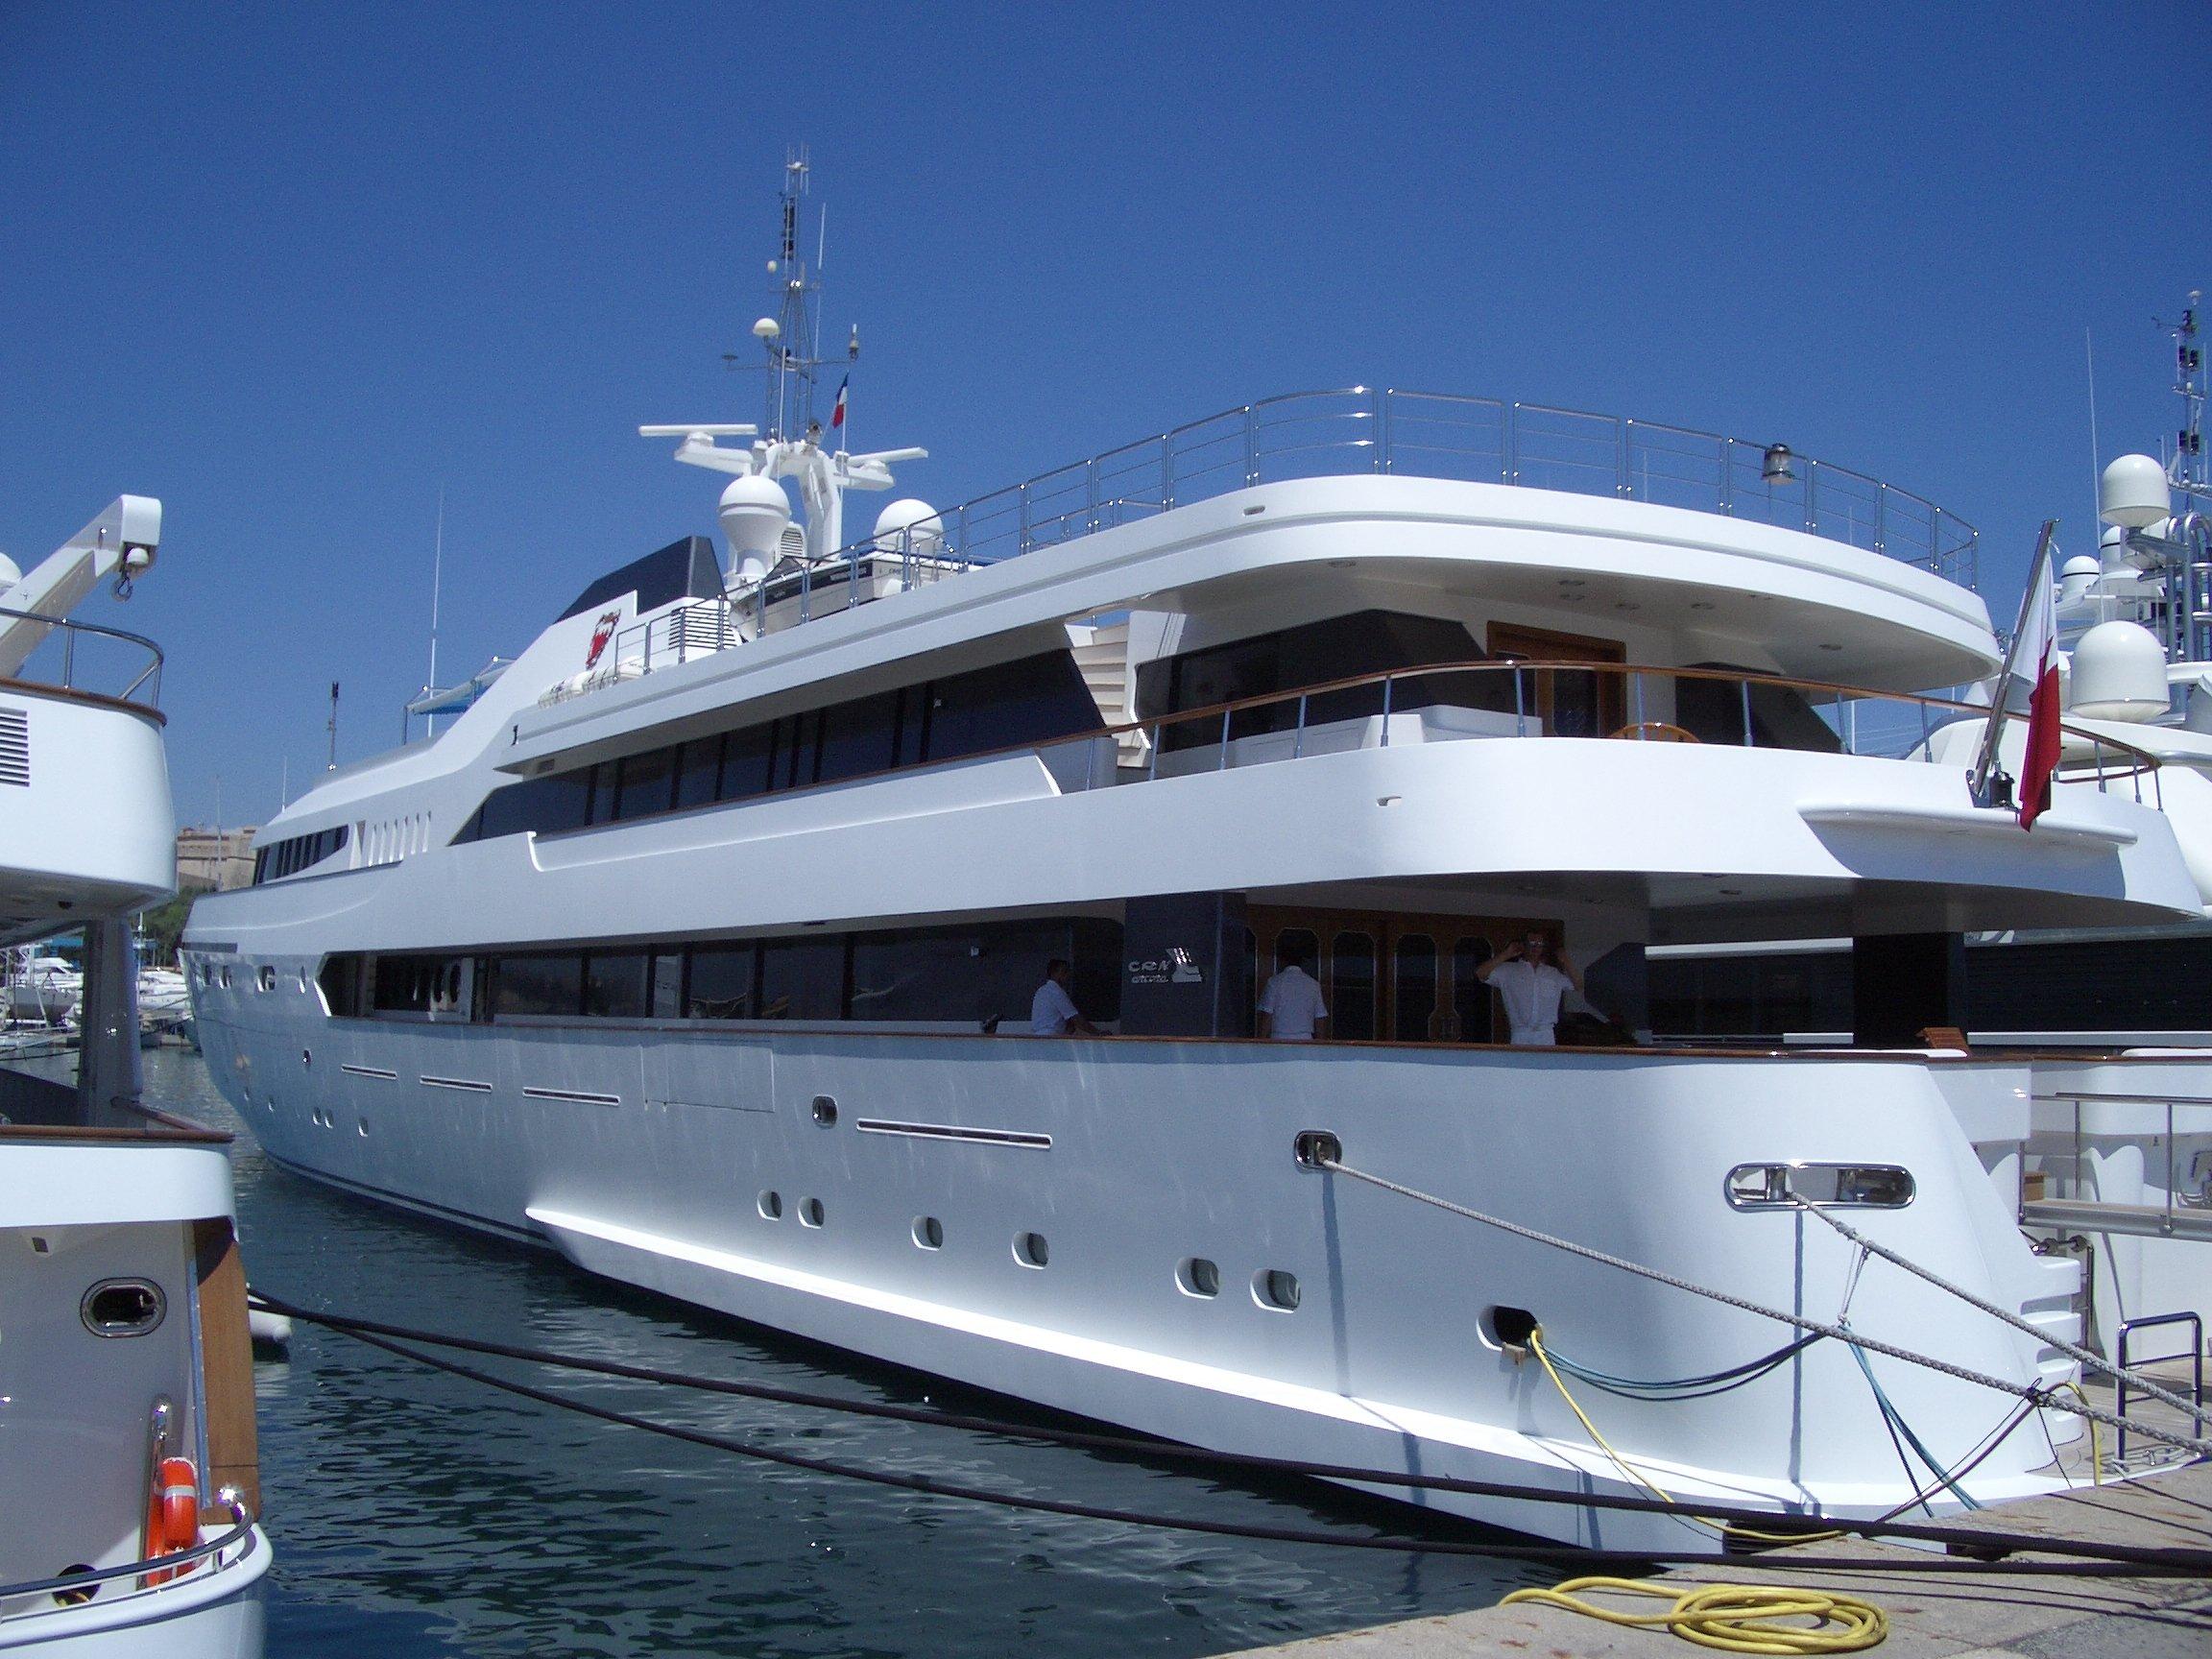 yacht Alwaeli